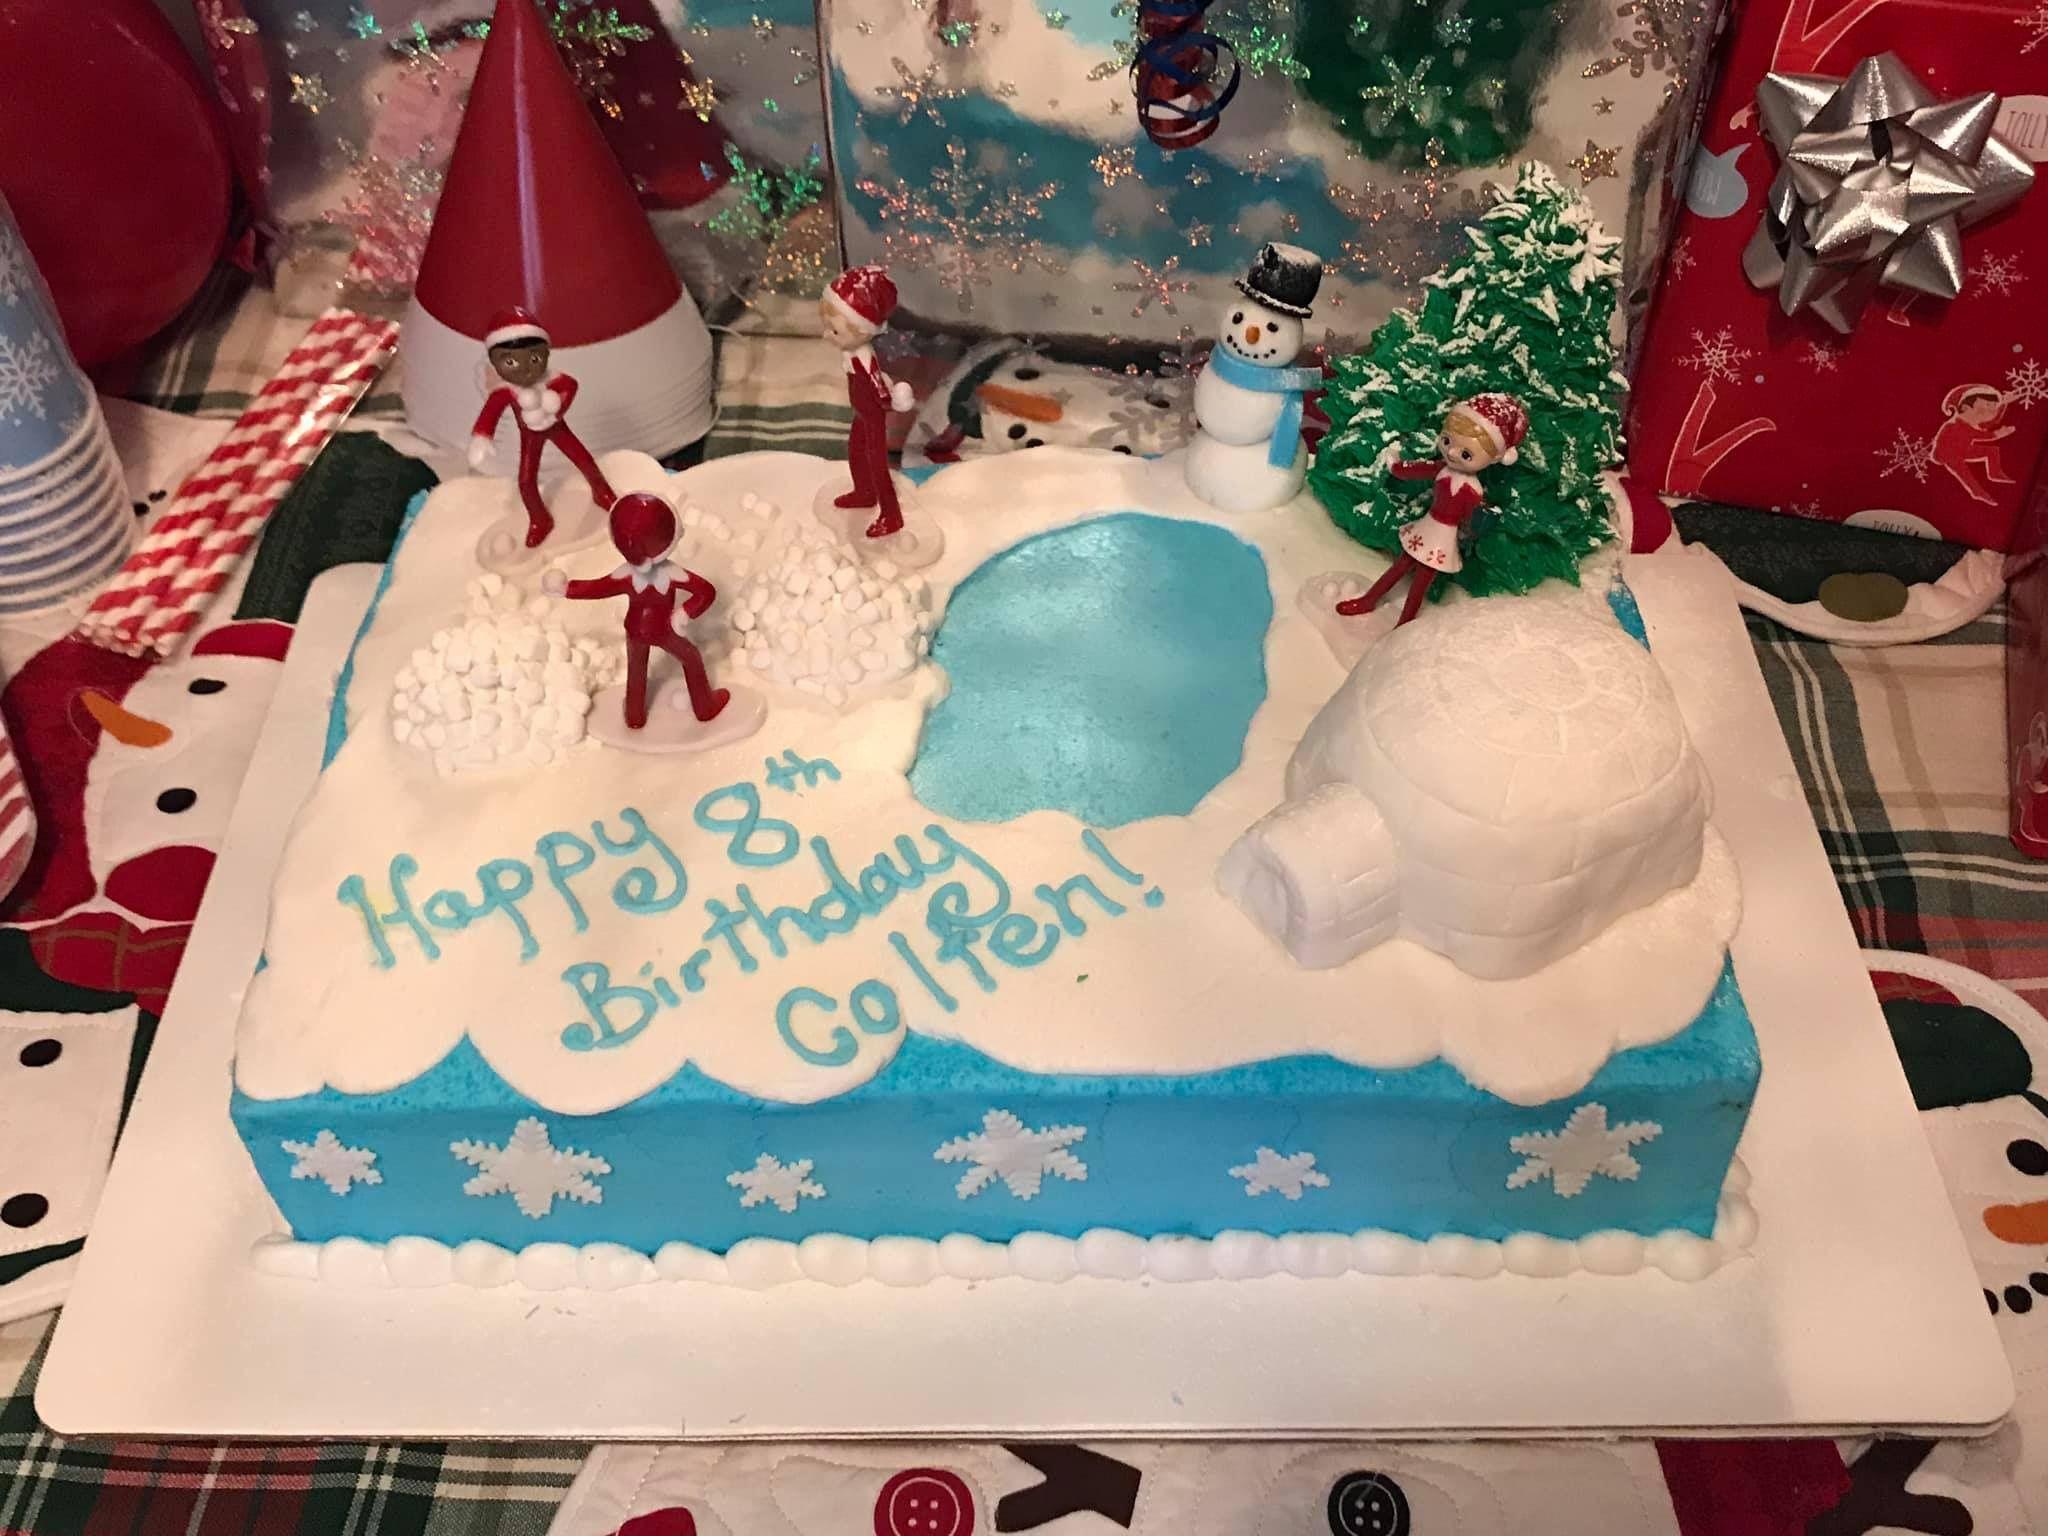 Elf On The Shelf Cake Cake By The Cake Life Cakesdecor